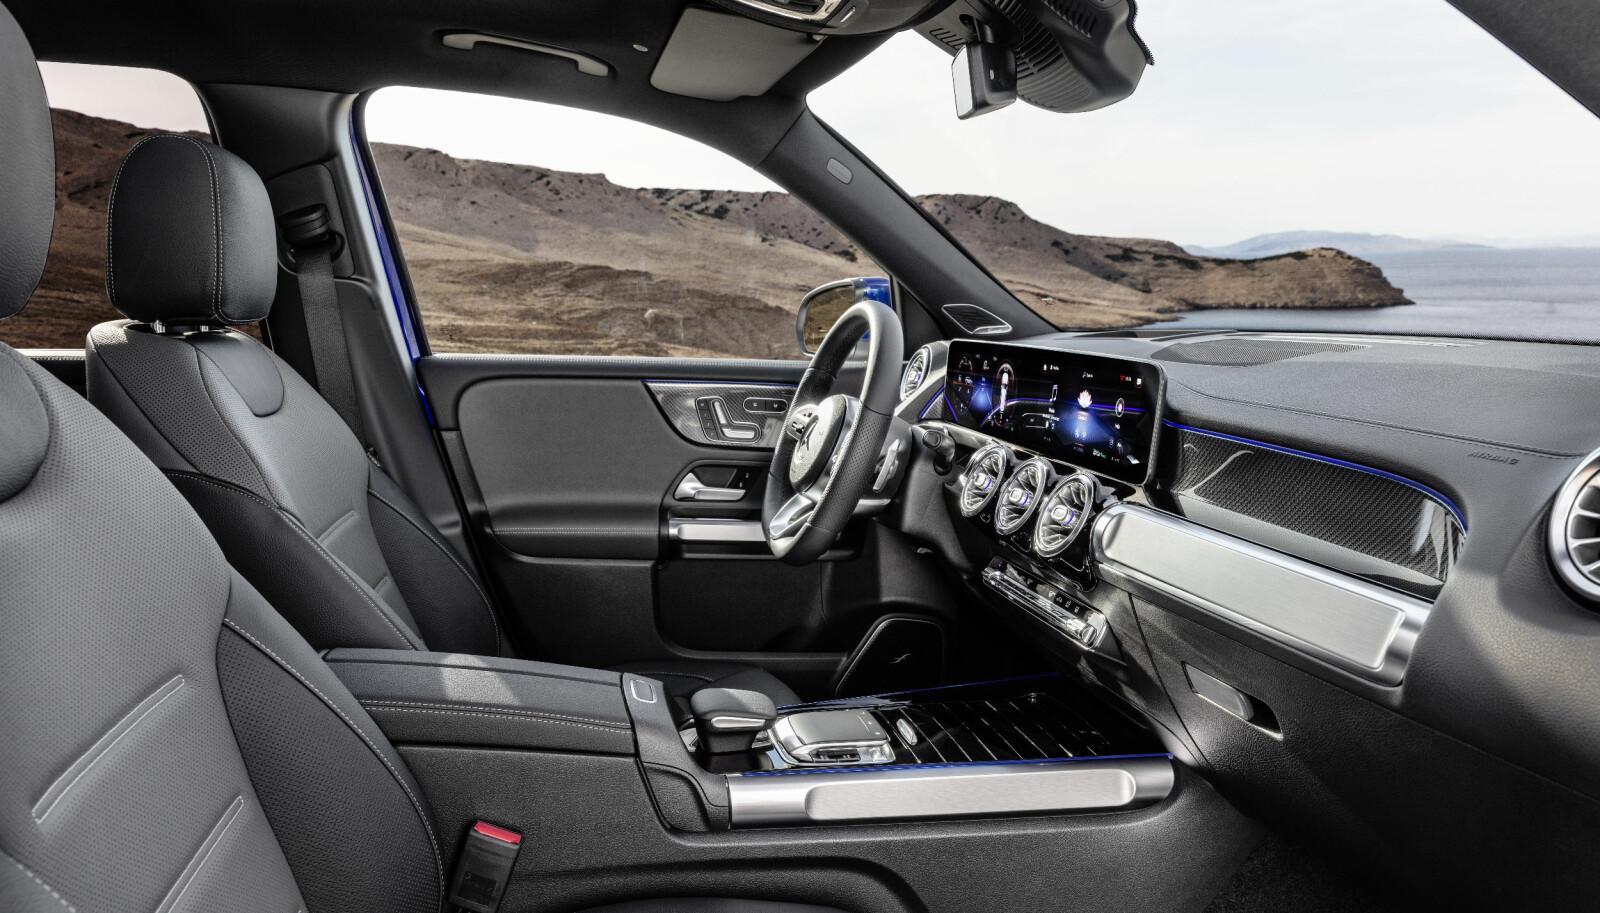 WIDESCREEN: Interiøret er godt kjent fra resten av den nye kompaktfamilen med blant annet widescreen-cockpit og MBUX (Mercedes-Benz User Experience). Nytt i GLB er de karakteristiske gripehåndtakene i dørpanelet som gir hint om bruksområde og tar igjen det robuste ytre.